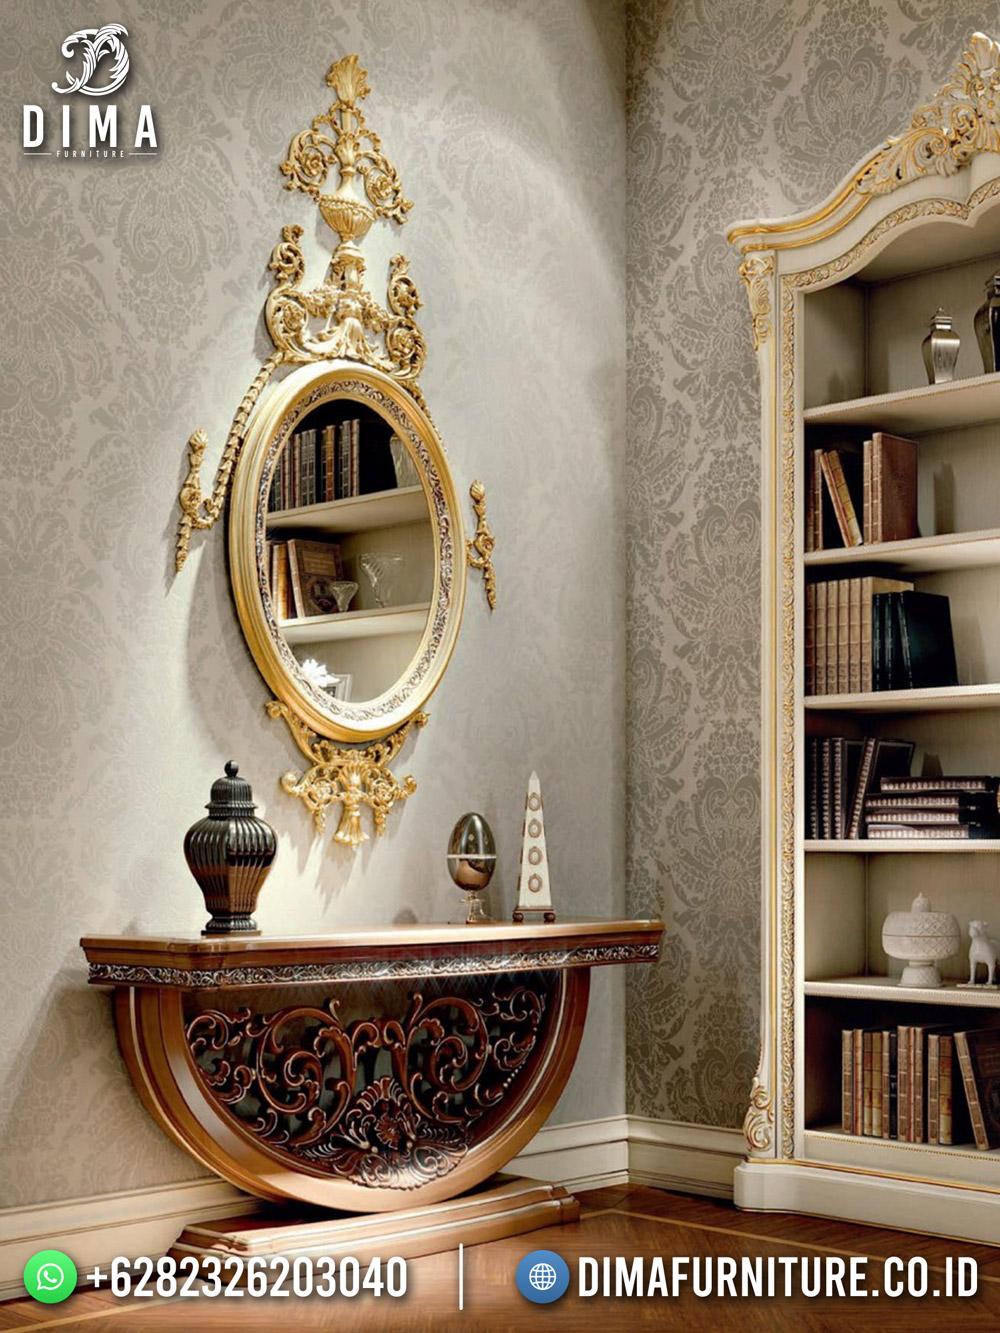 Caribbean Style Meja Hias Elegant Carving DF-1658